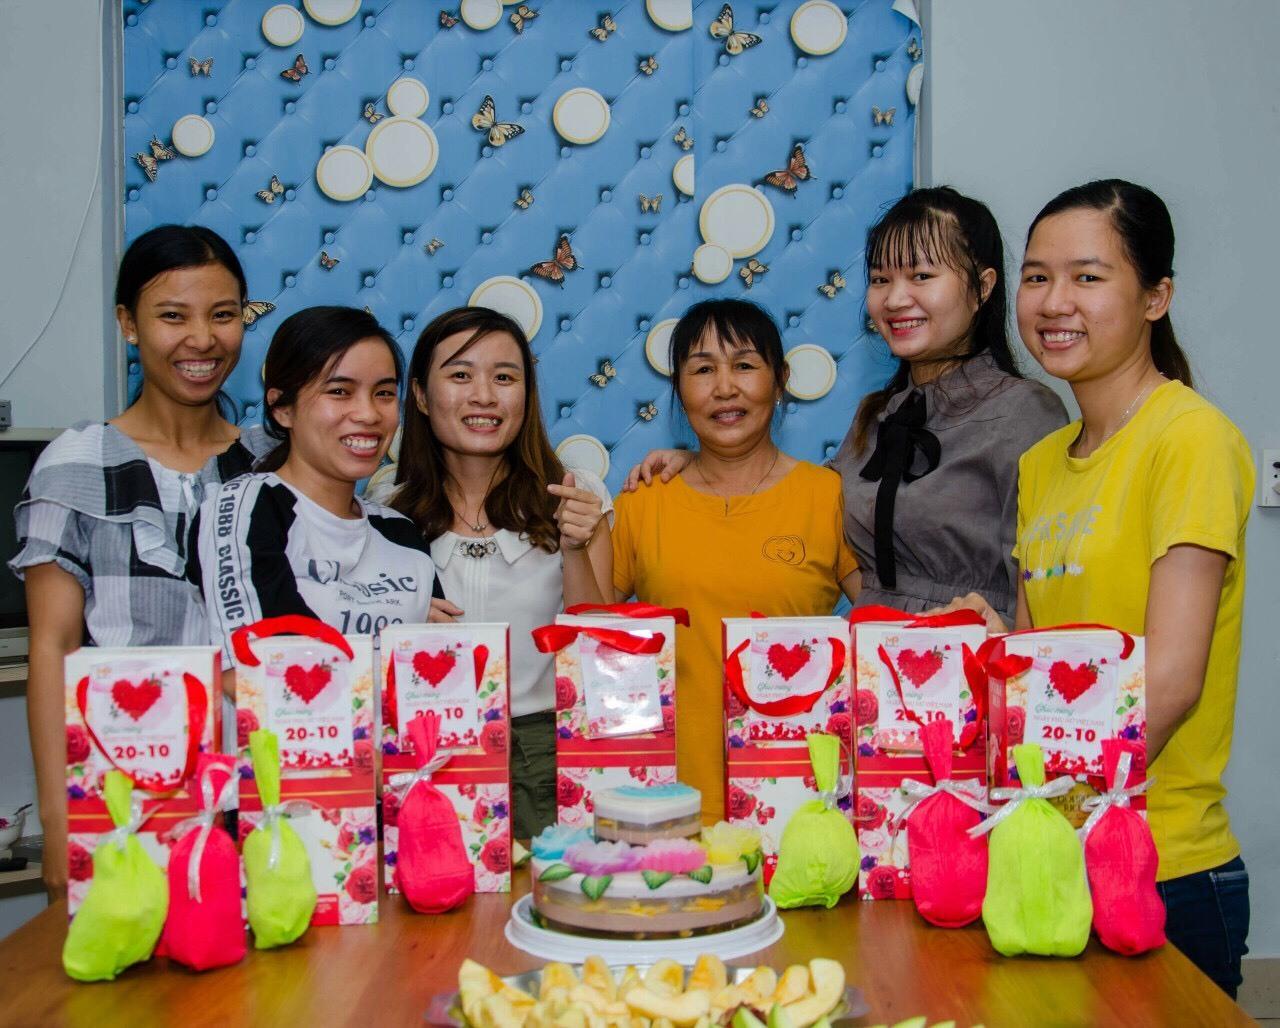 Mộc Phát mừng ngày Phụ nữ Việt Nam 20.10 1